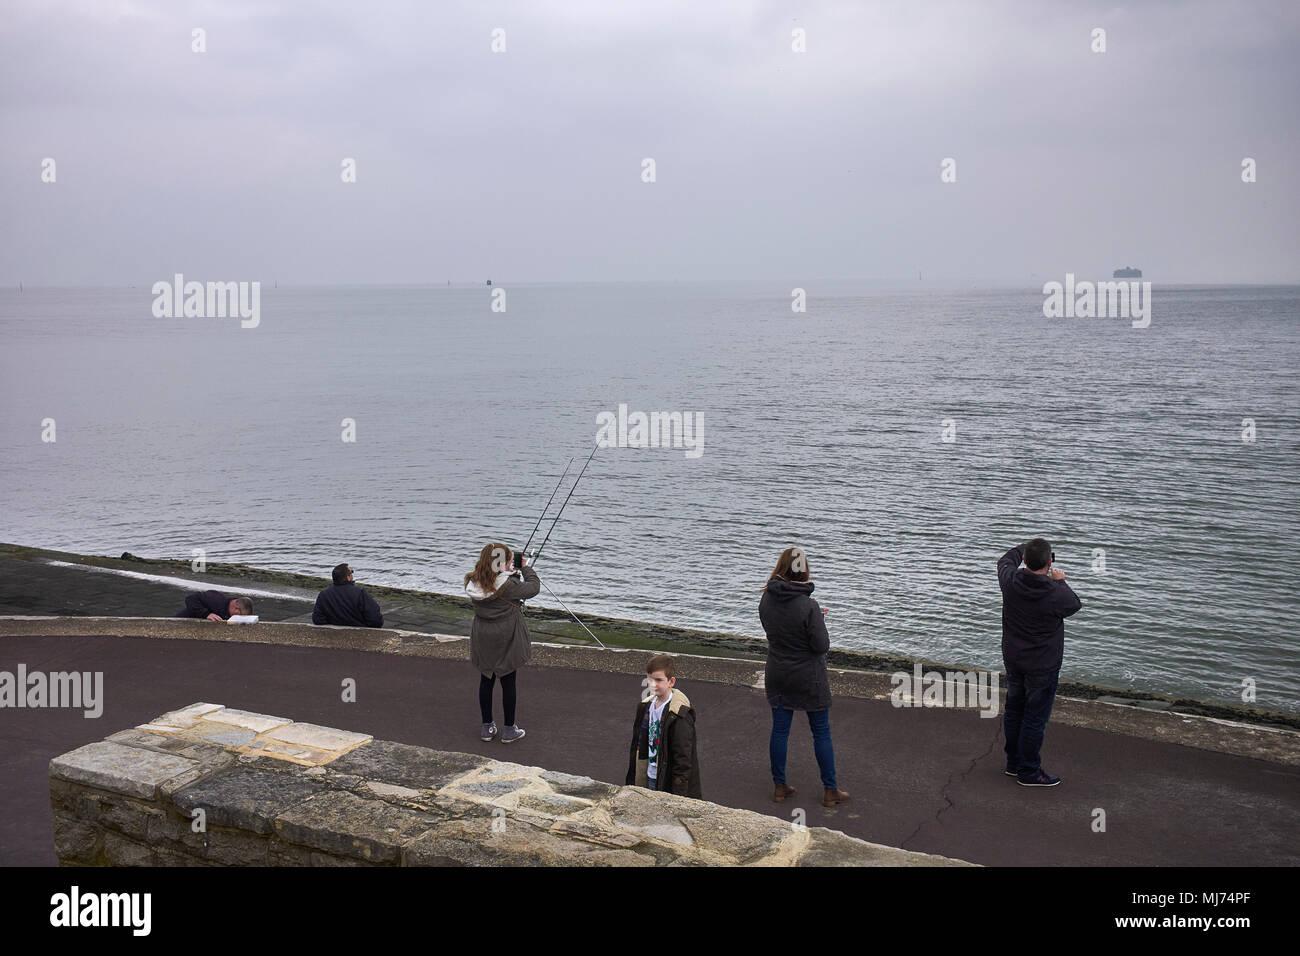 Une famille arrêter de prendre des photos du téléphone vers la mer tandis qu'un garçon regarde vers la caméra à Southsea, Hampshire Photo Stock